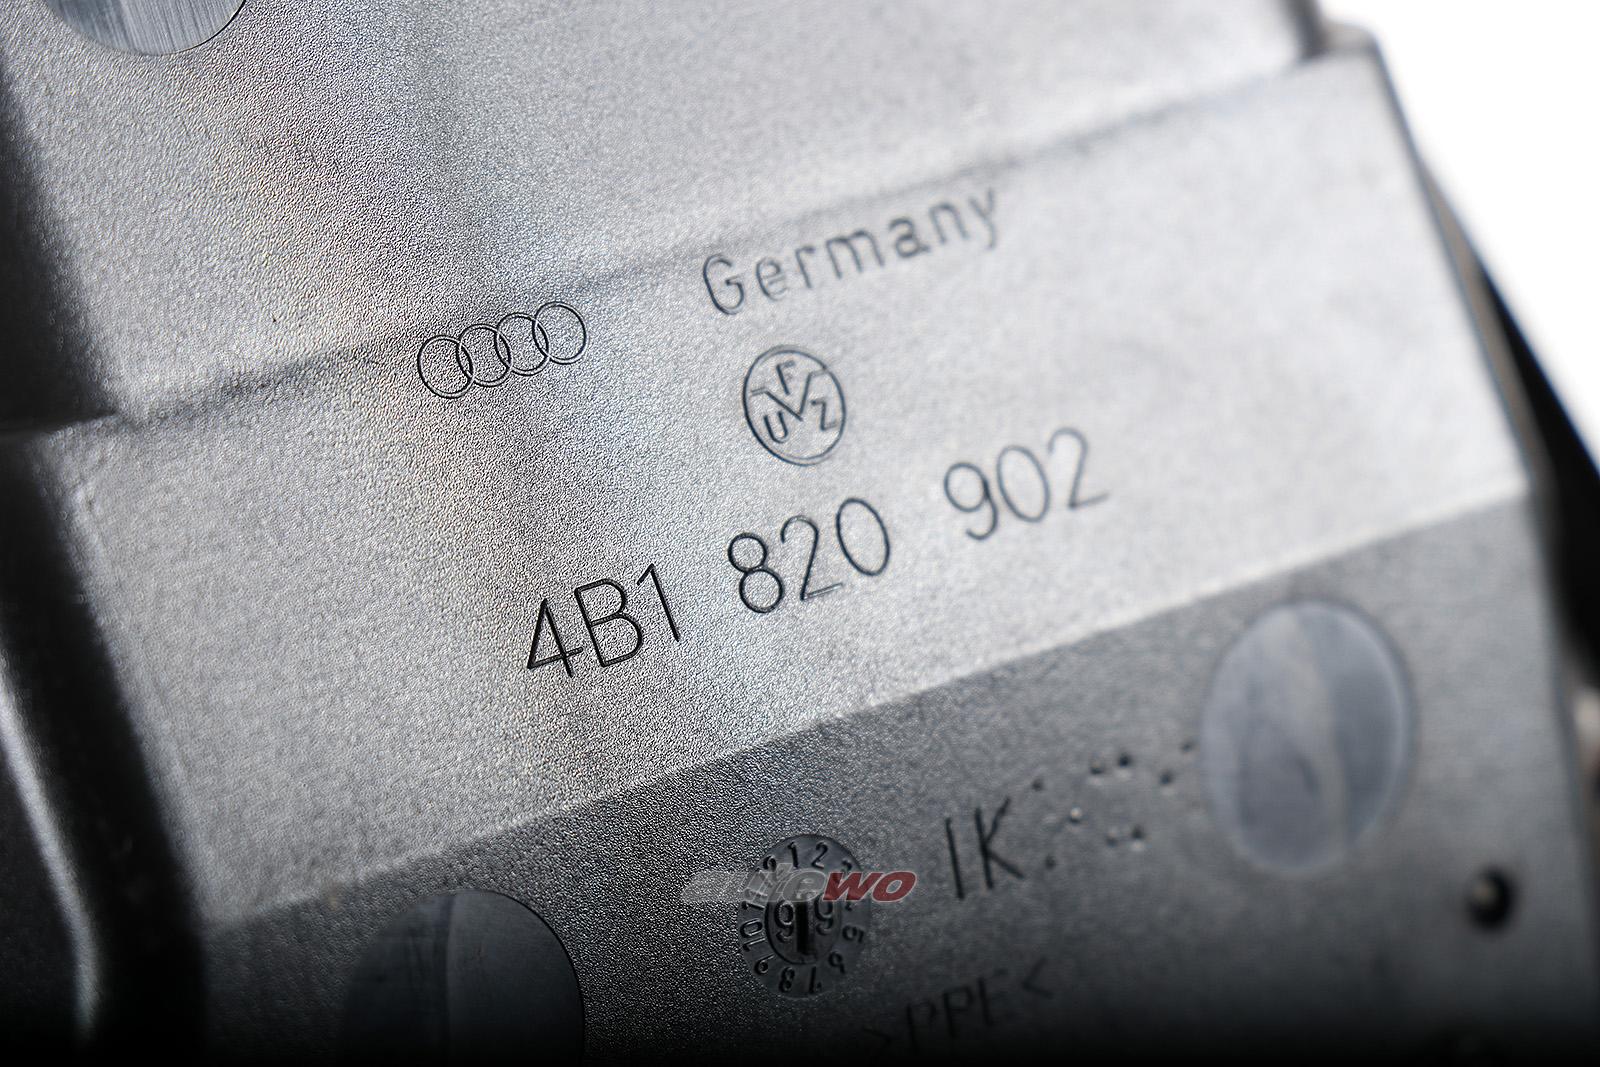 4B1820902D Audi A6 4B Luftdüse Armaturenbrett Rechts grau